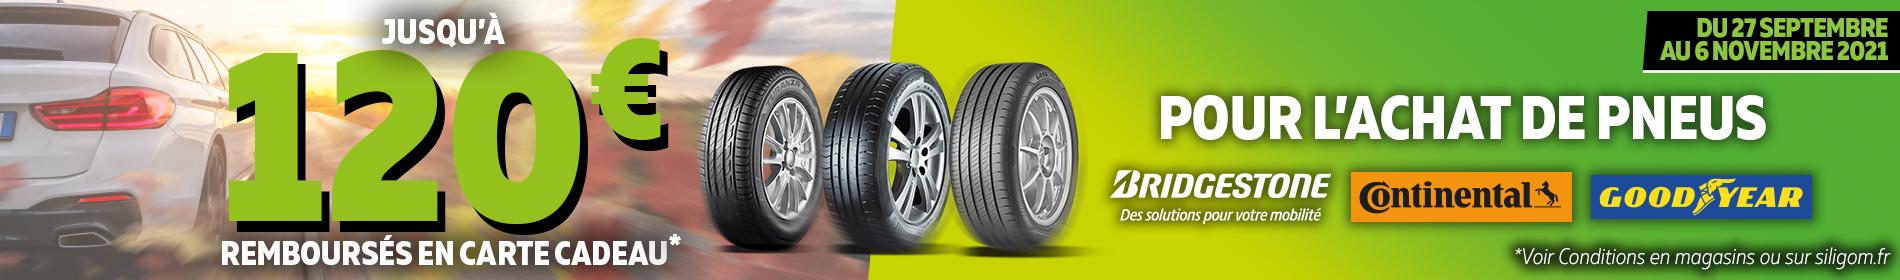 120€ remboursés sur les pneus bridgestone, continental et goodyear chez siligom